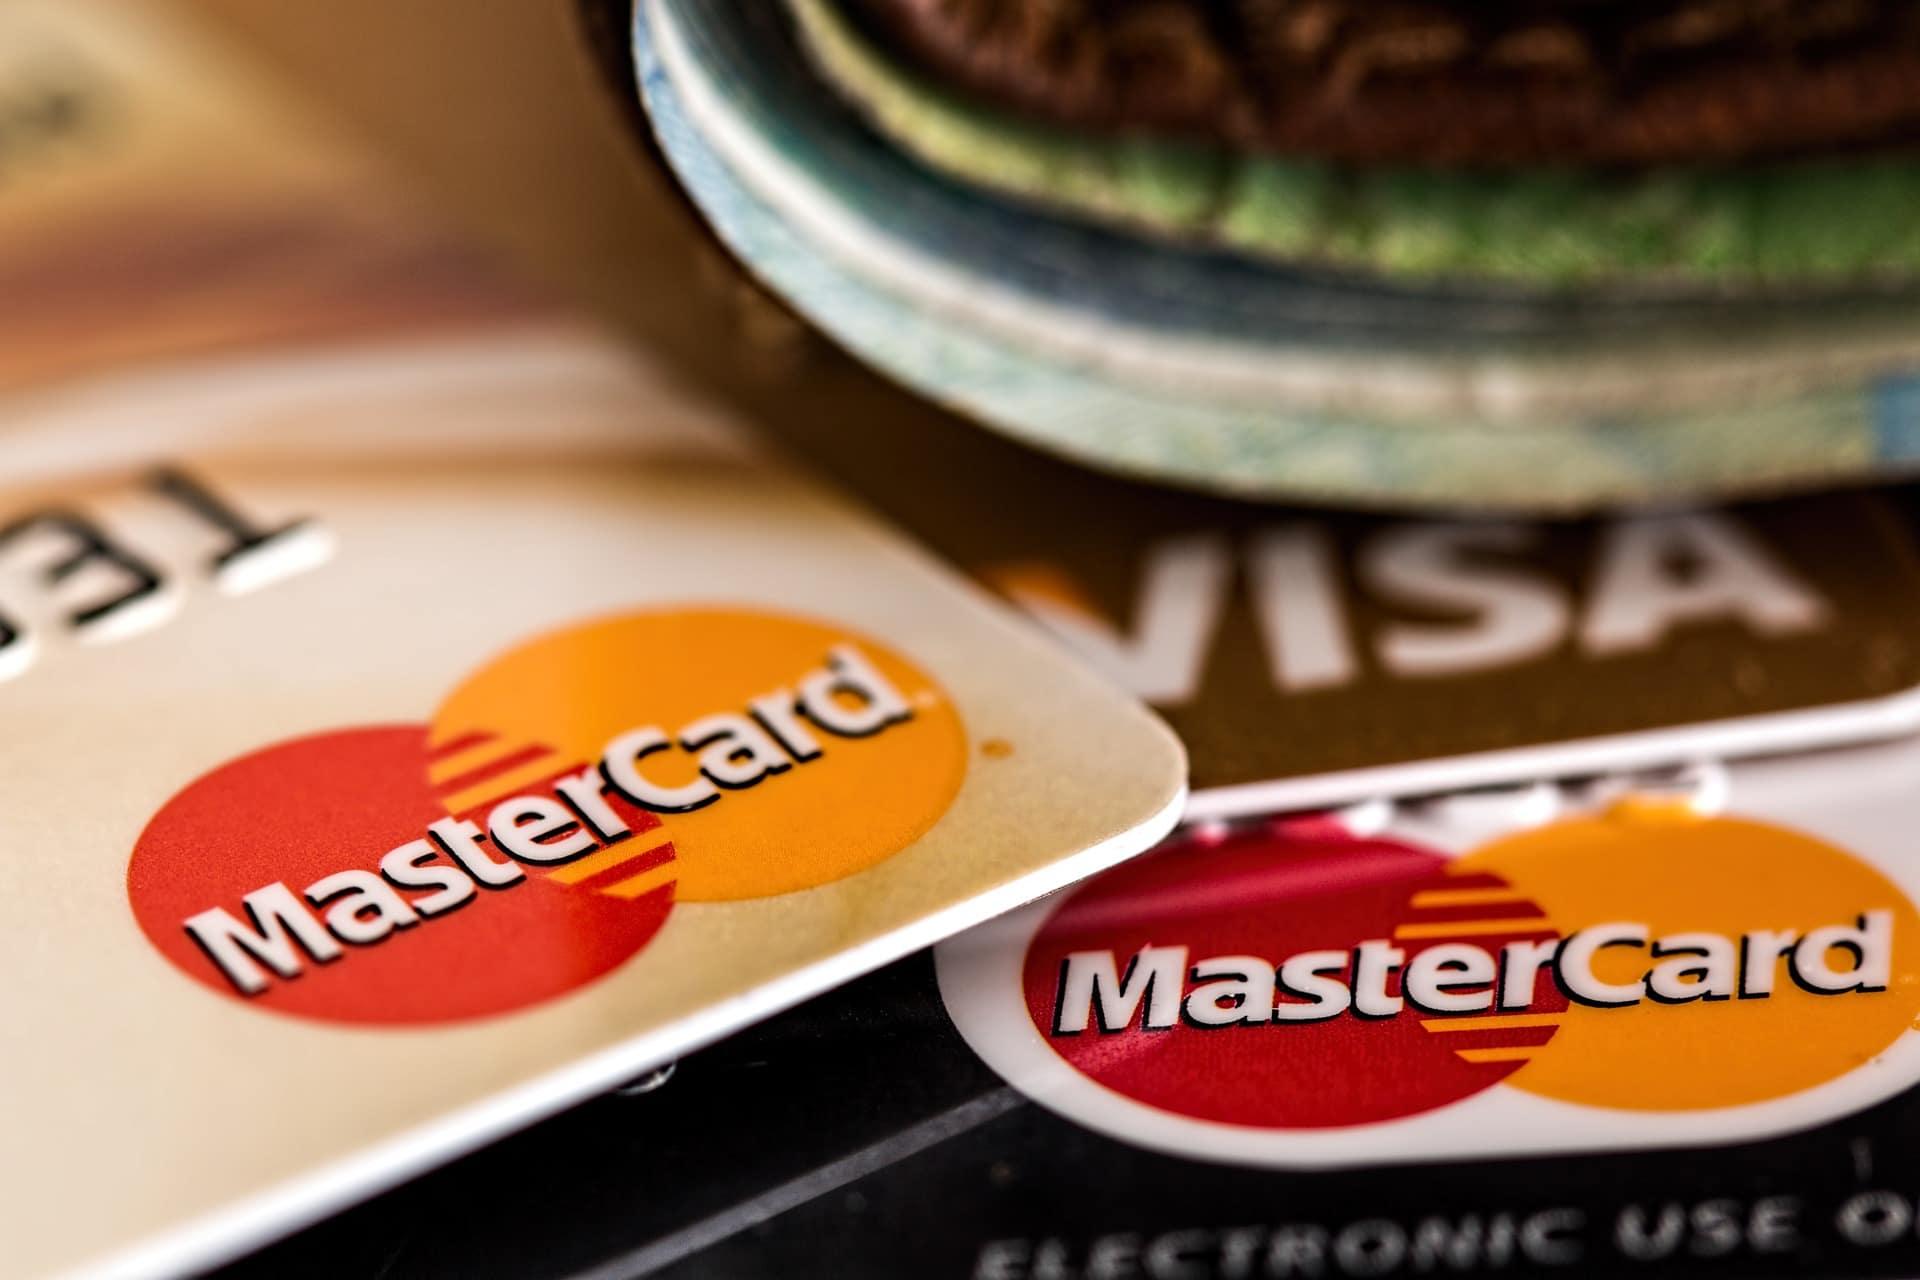 ¿Qué es mejor, una tarjeta crédito o una de débito?